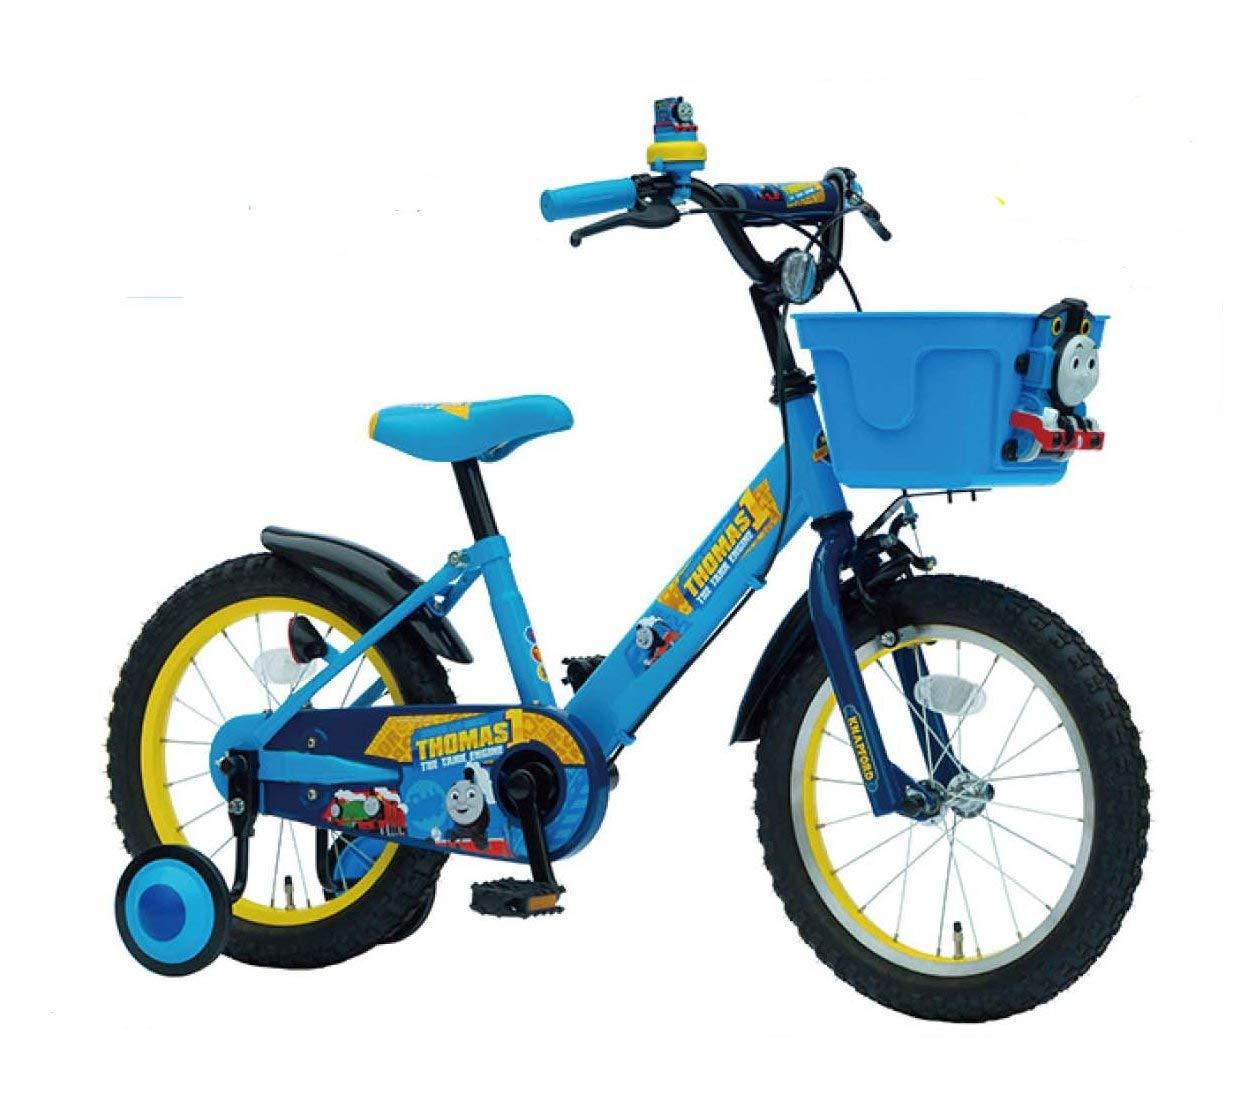 きかんしゃトーマス 16インチ 16型<完成品>★今なら、自転車カバープレゼント♪【クレジットOK!】上尾工業 子供用自転車【ky】【smtb-k】marron